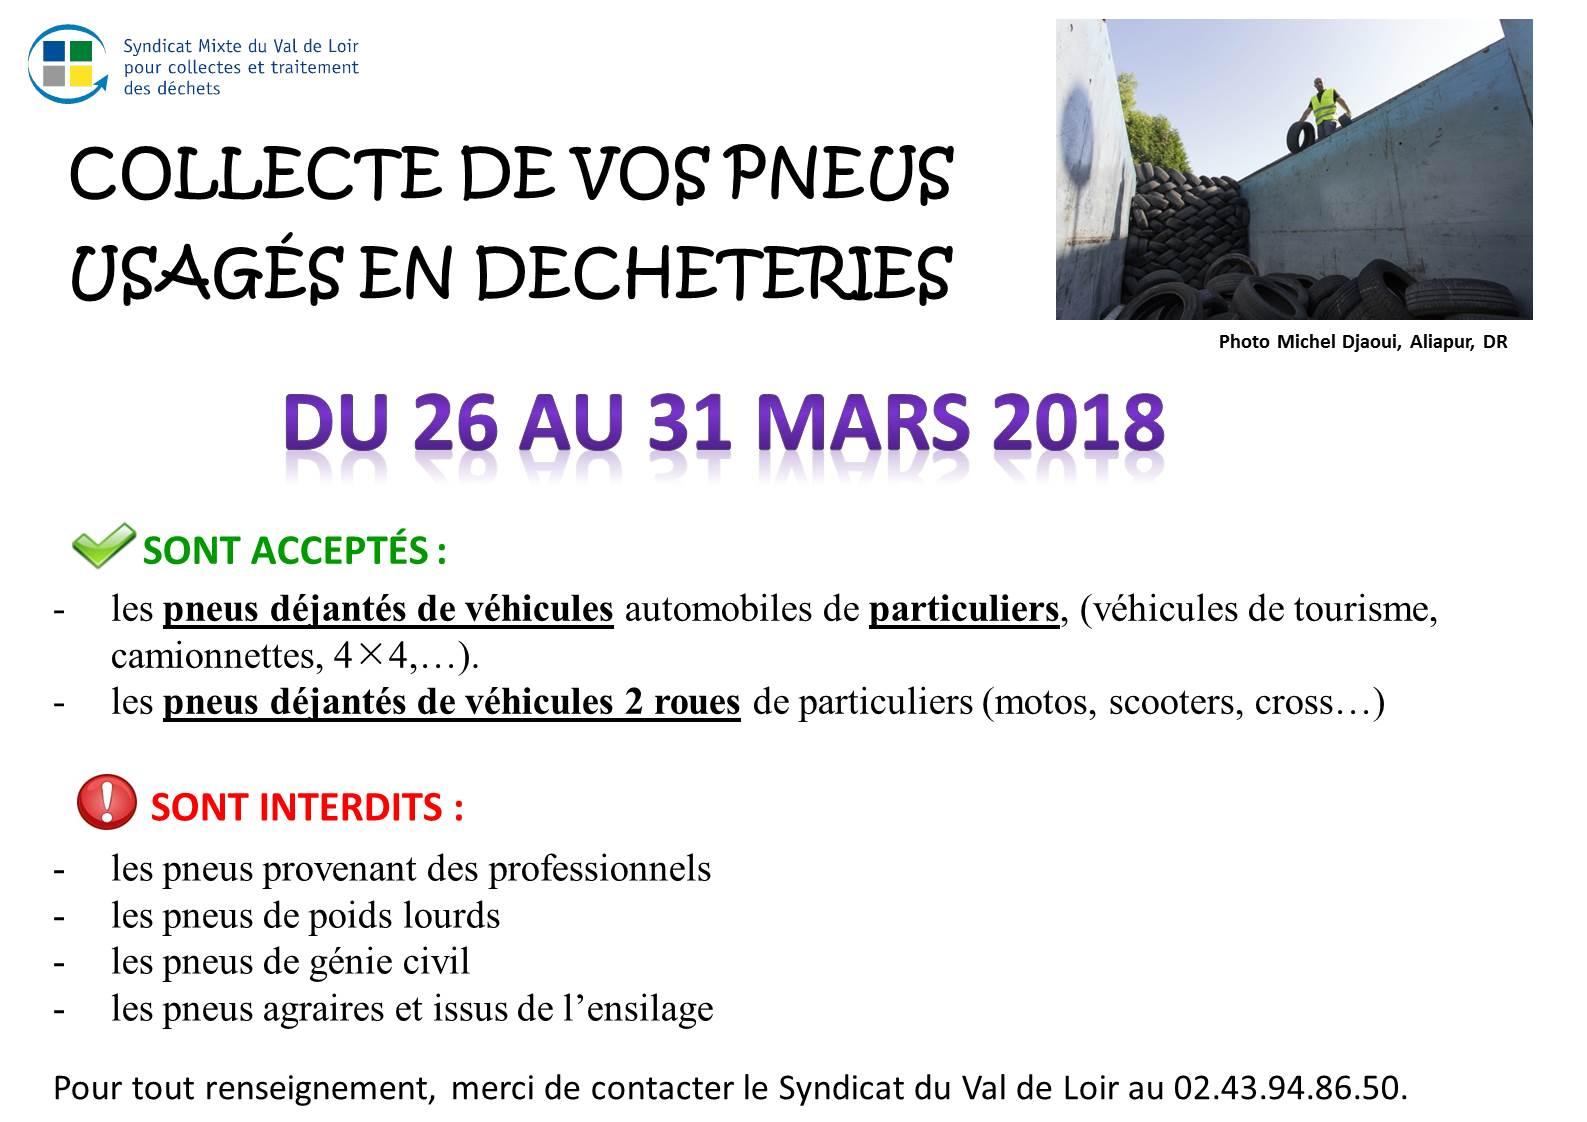 collecte pneus en déchèteries mars 2018.jpg